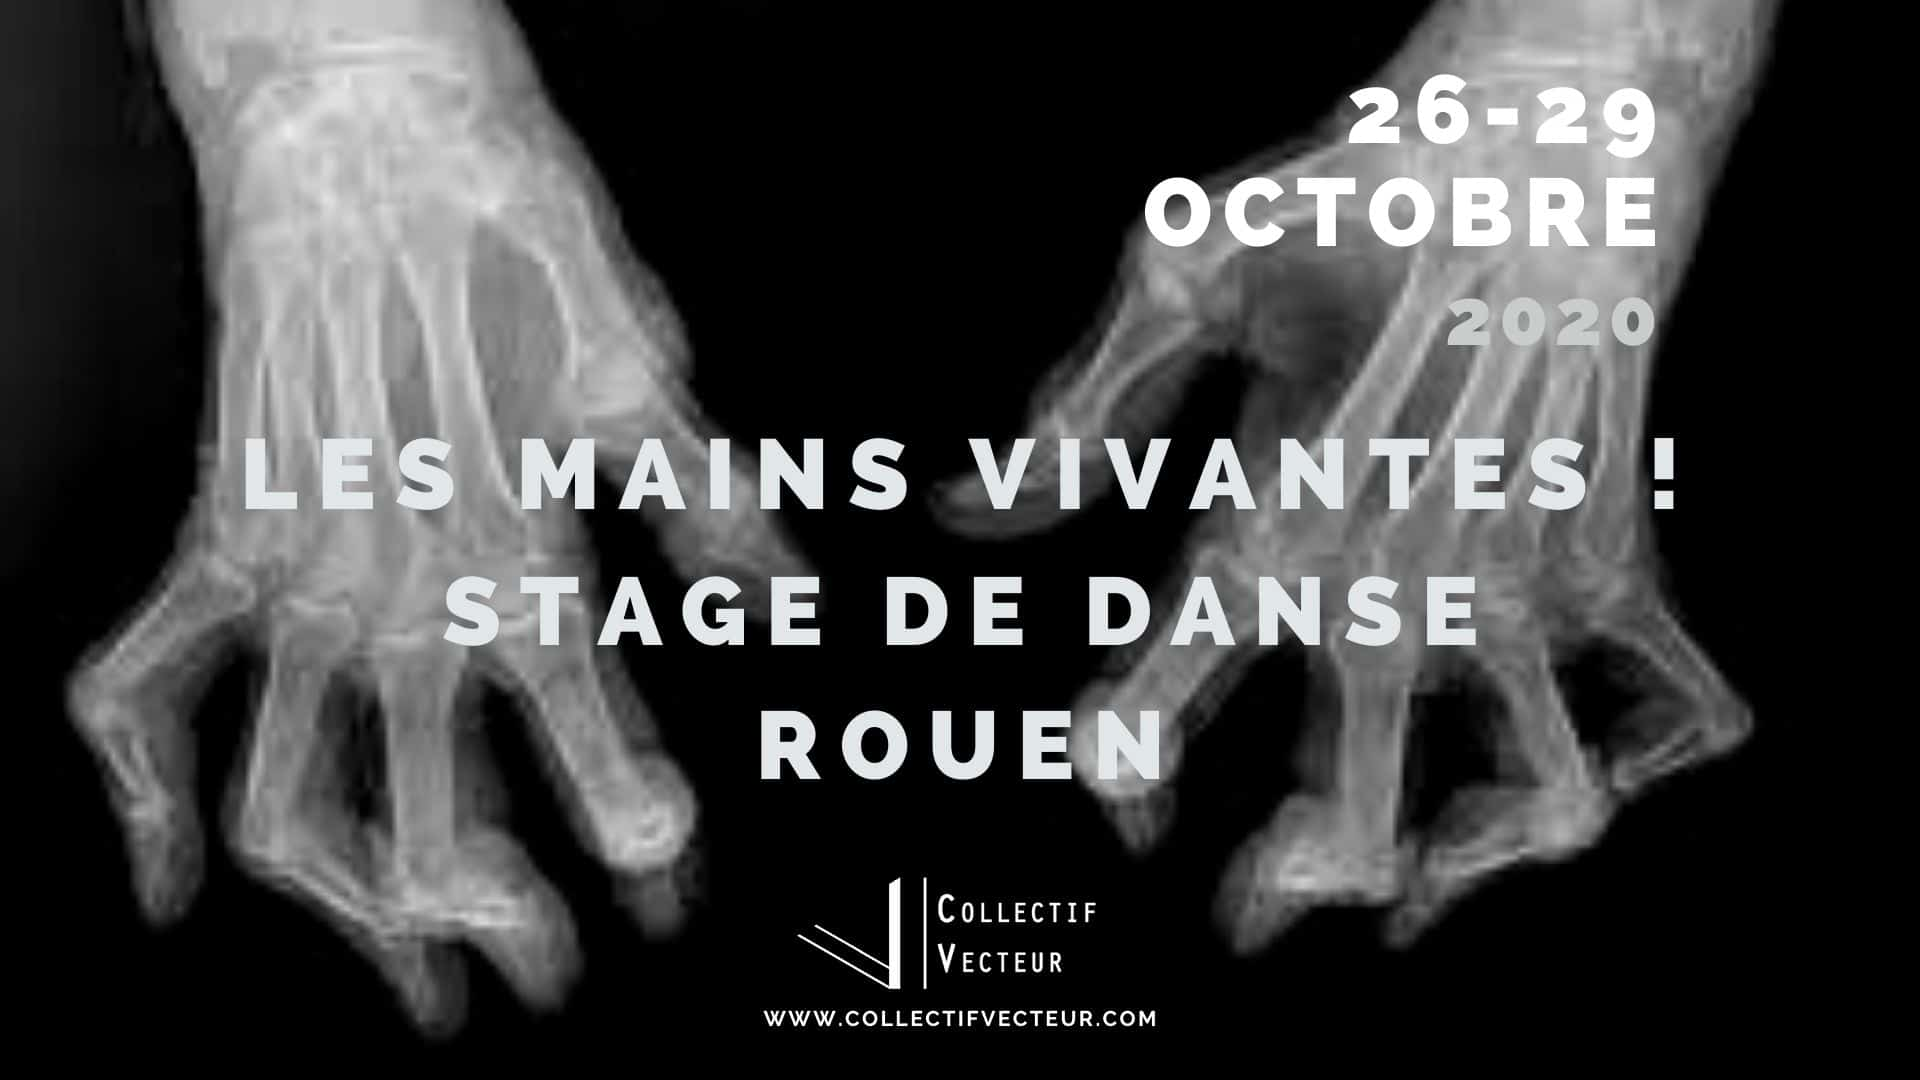 les mains vivantes remous collectif vecteur danse Rouen atelier stage